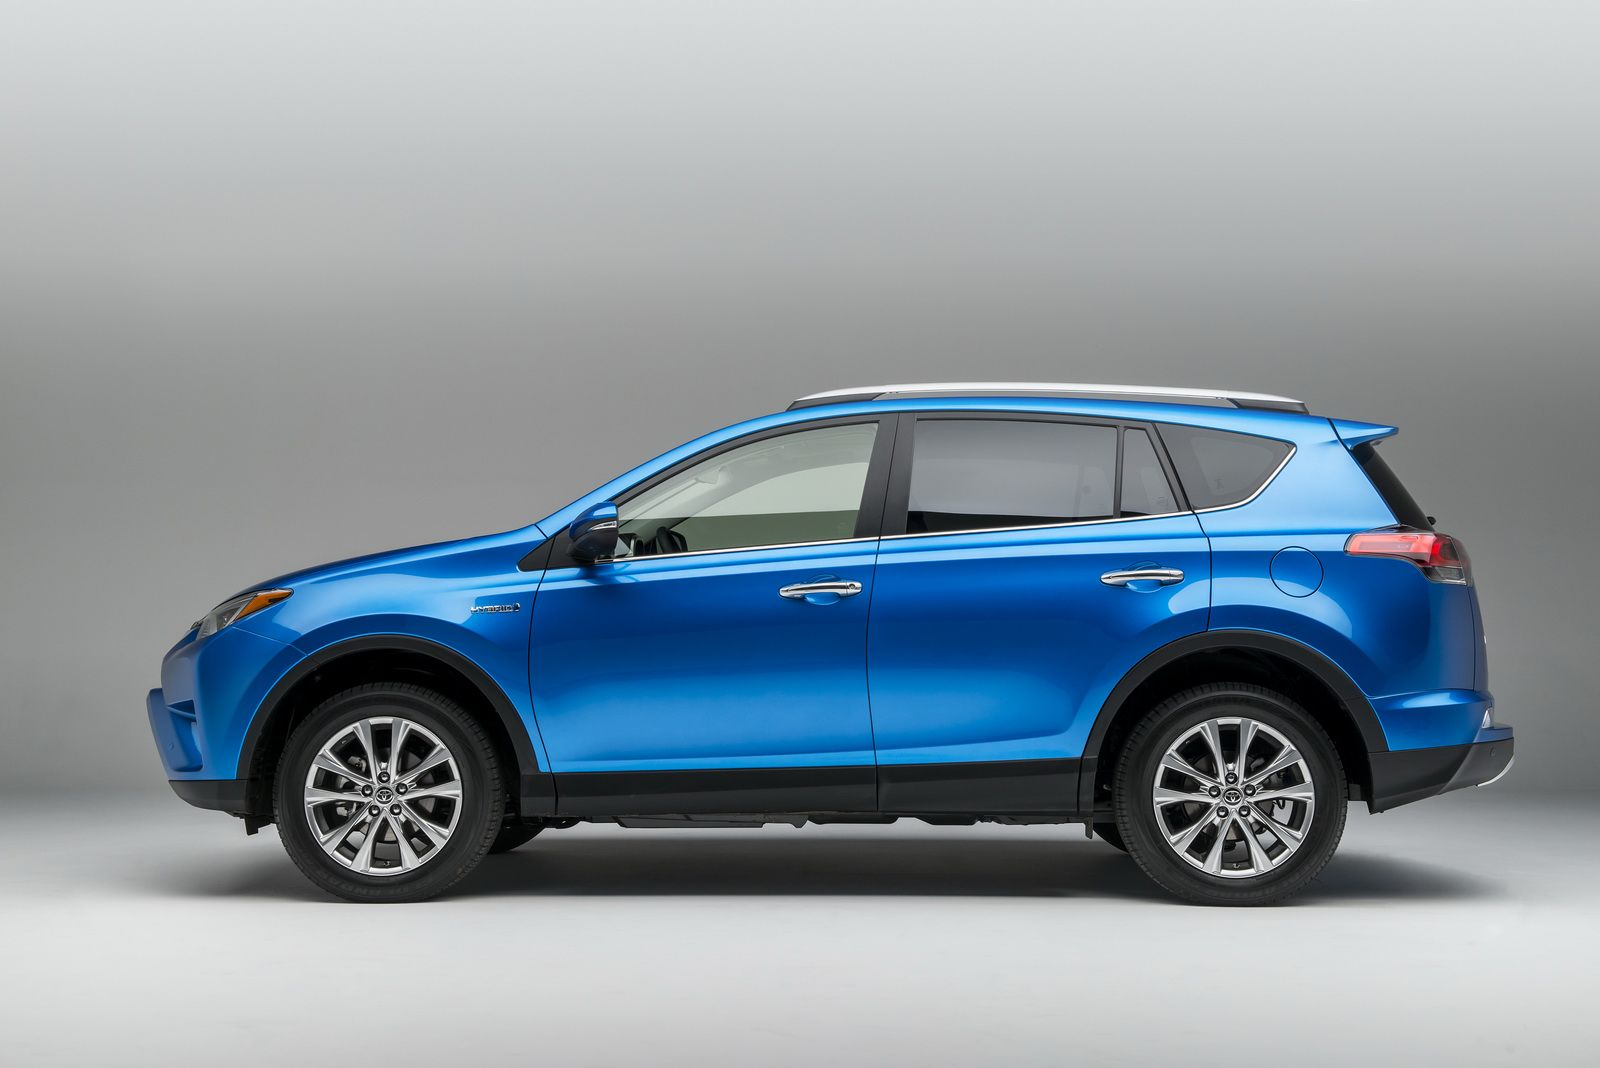 2016 toyota rav4 hybrid updated styling side views toyota hybridfamily carstoyota carsmodelhtmlbest crossover suvcompare carsfuel economymousepad